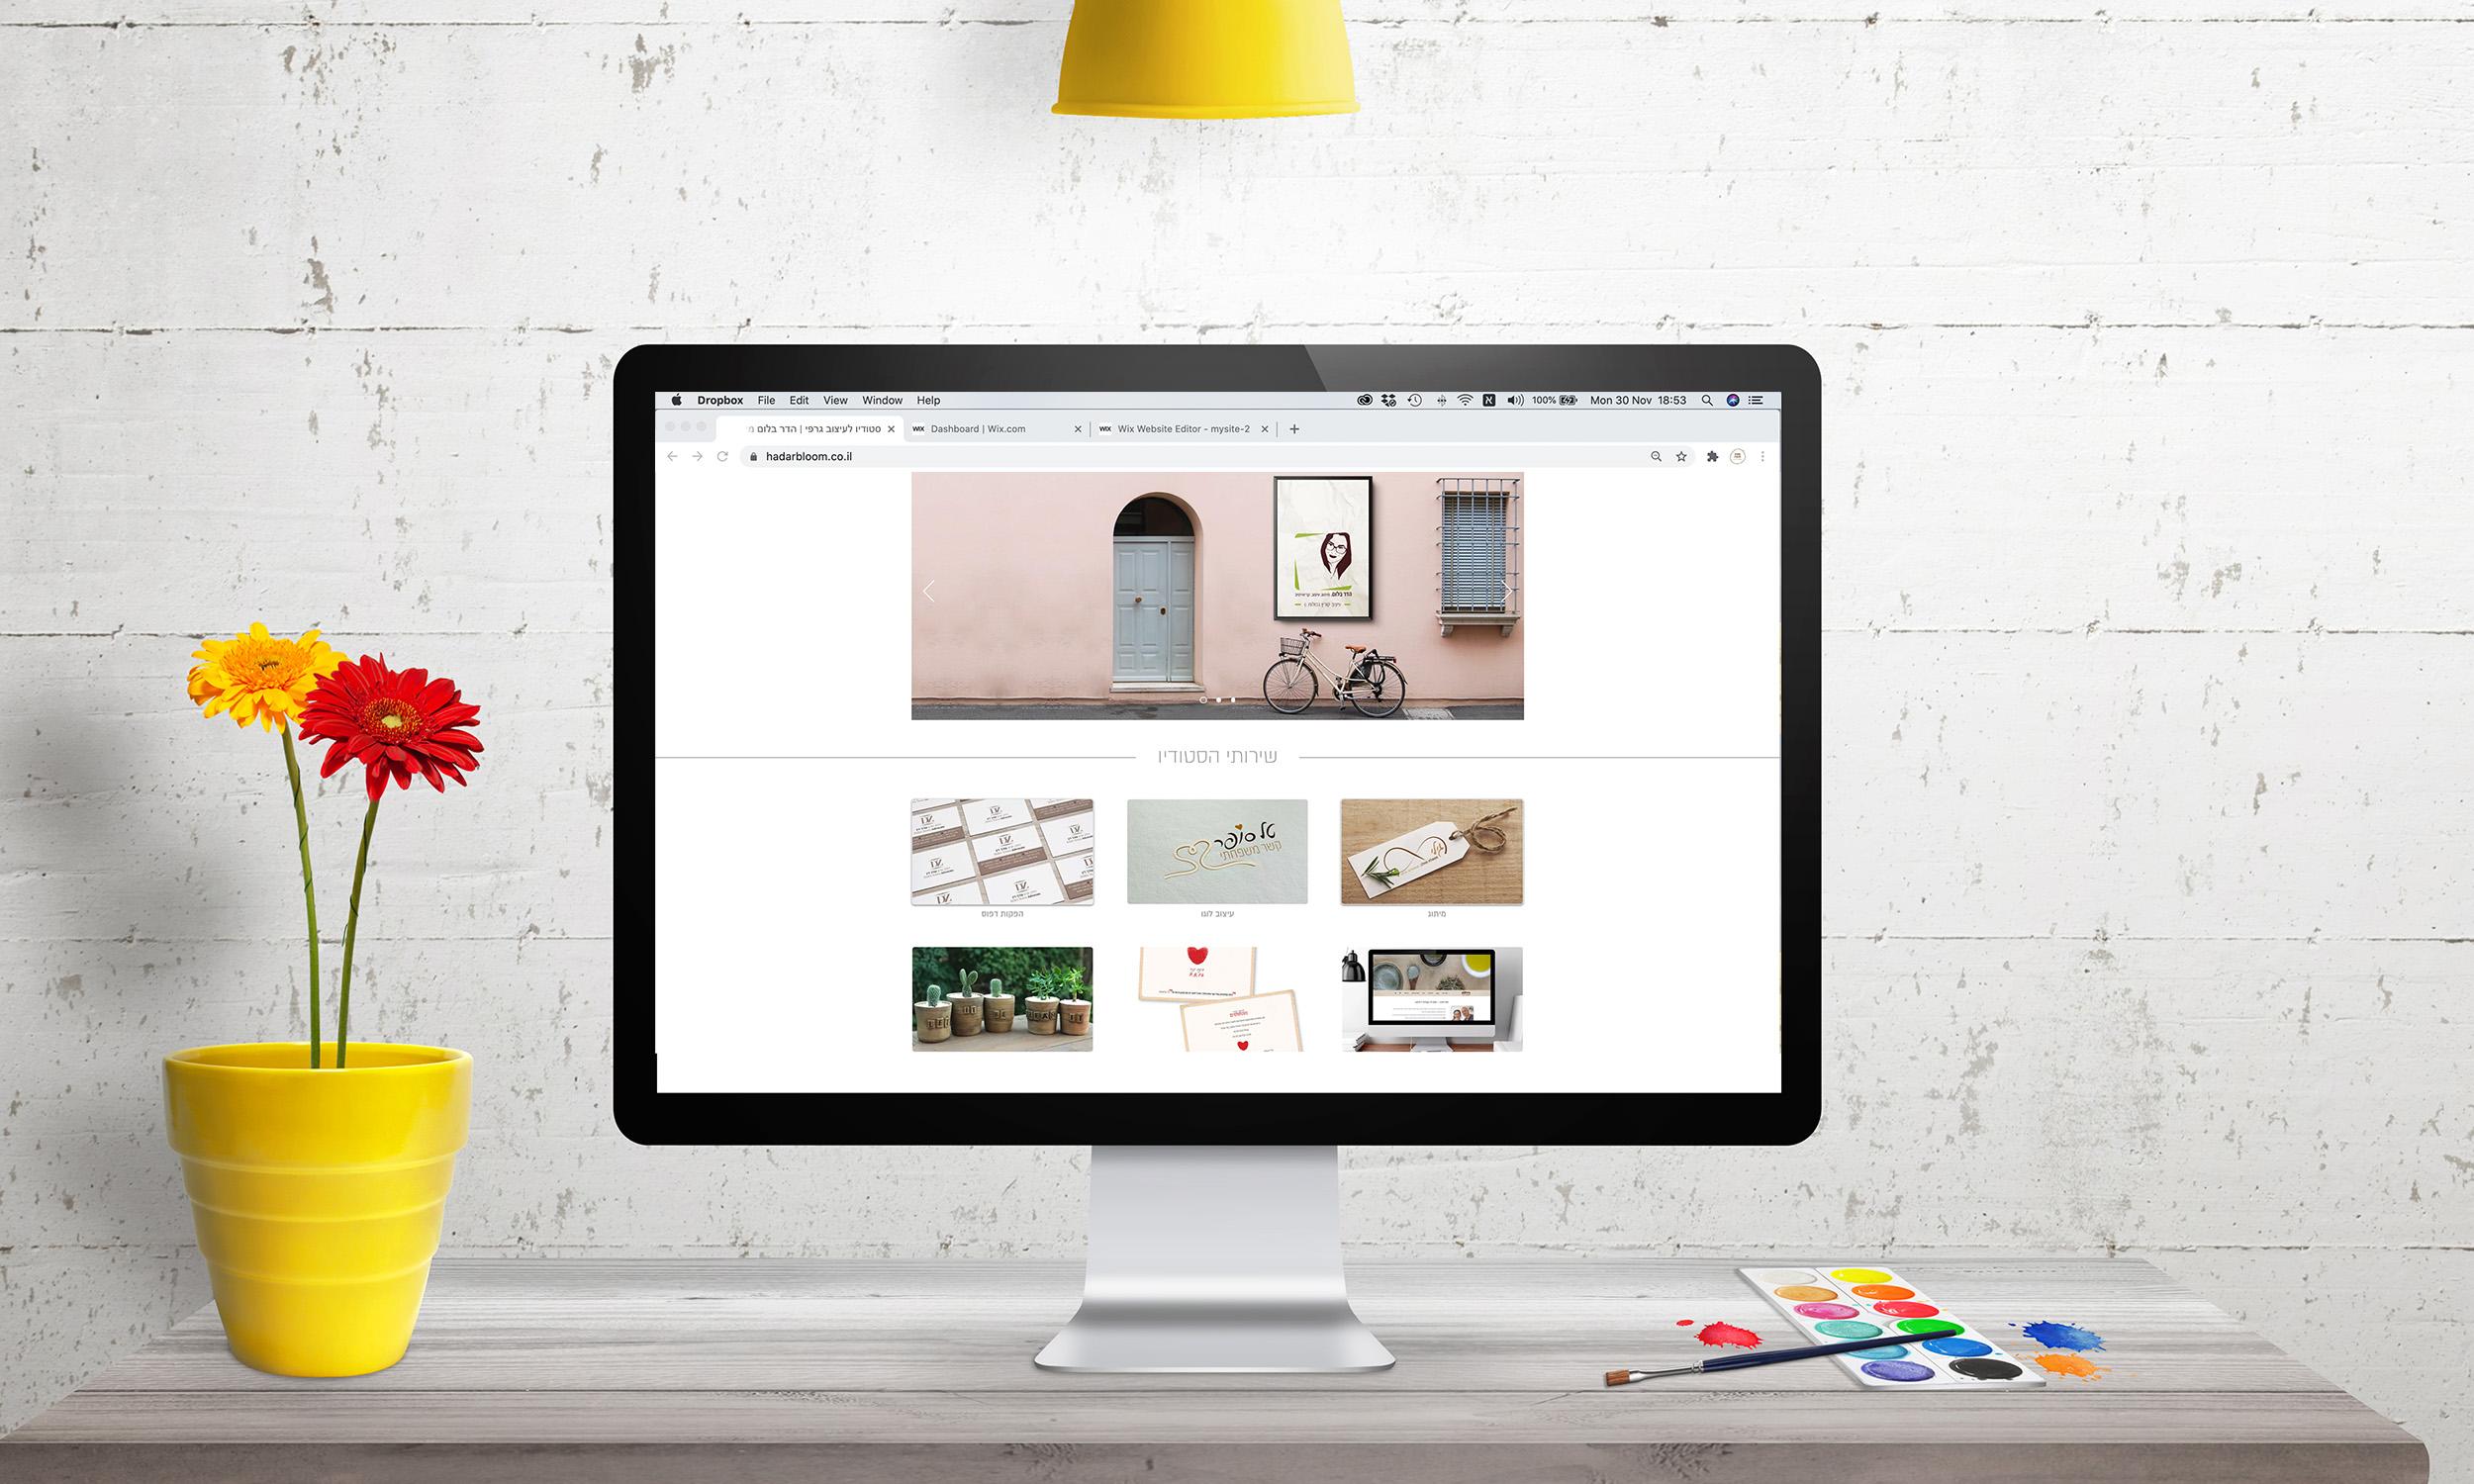 עיצוב אתר - סטודיו לעיצוב גרפי